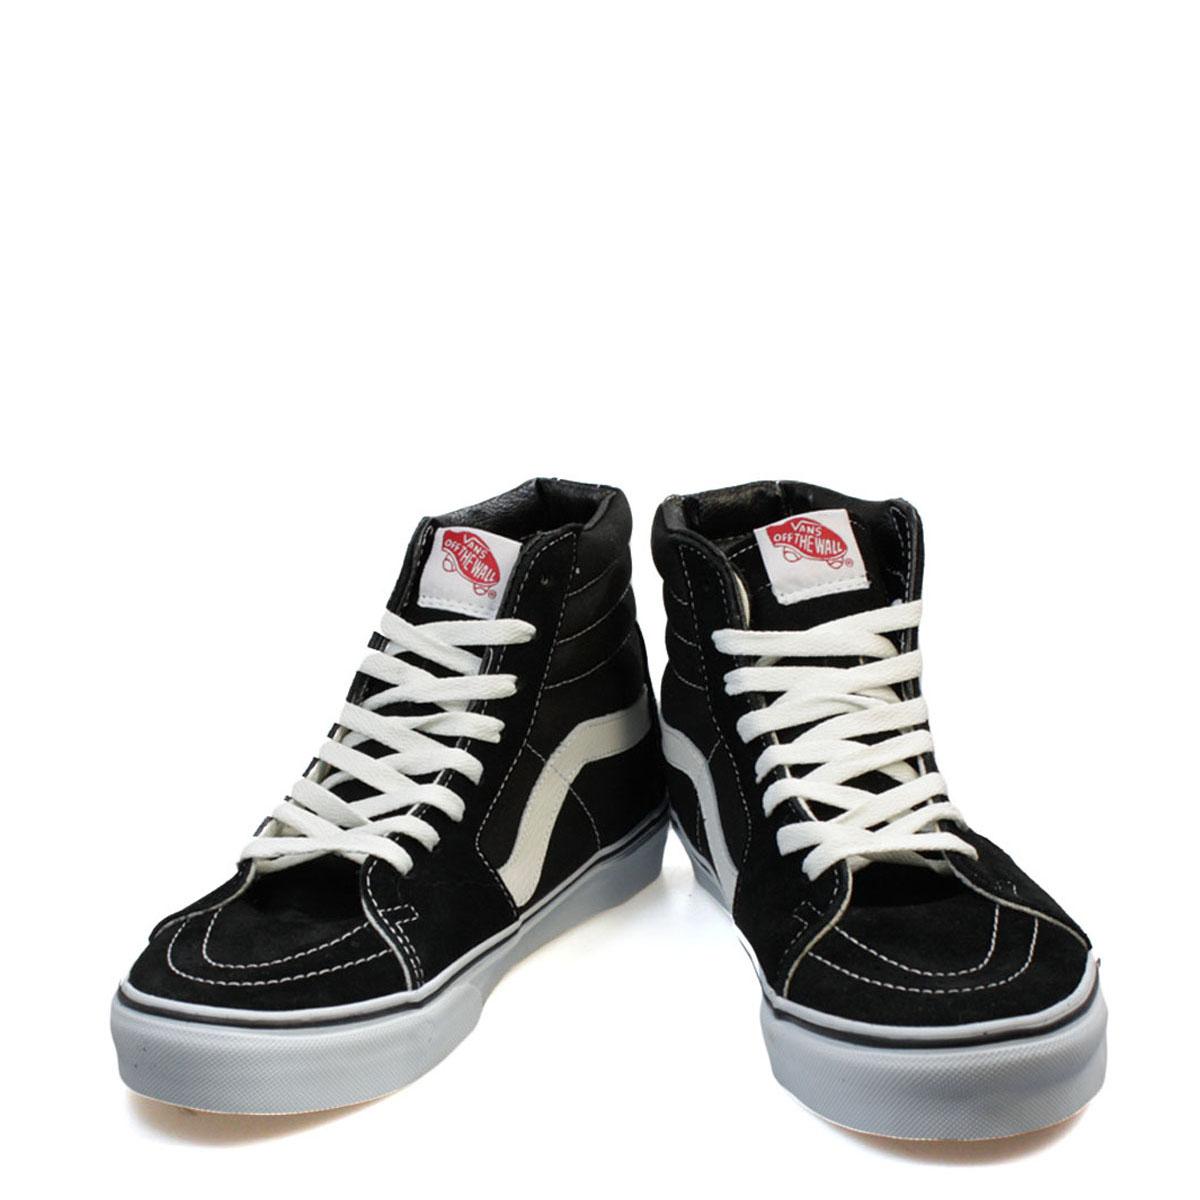 vans unisex sk8 black hi top trainers old skool suede lace up casual shoes ebay. Black Bedroom Furniture Sets. Home Design Ideas